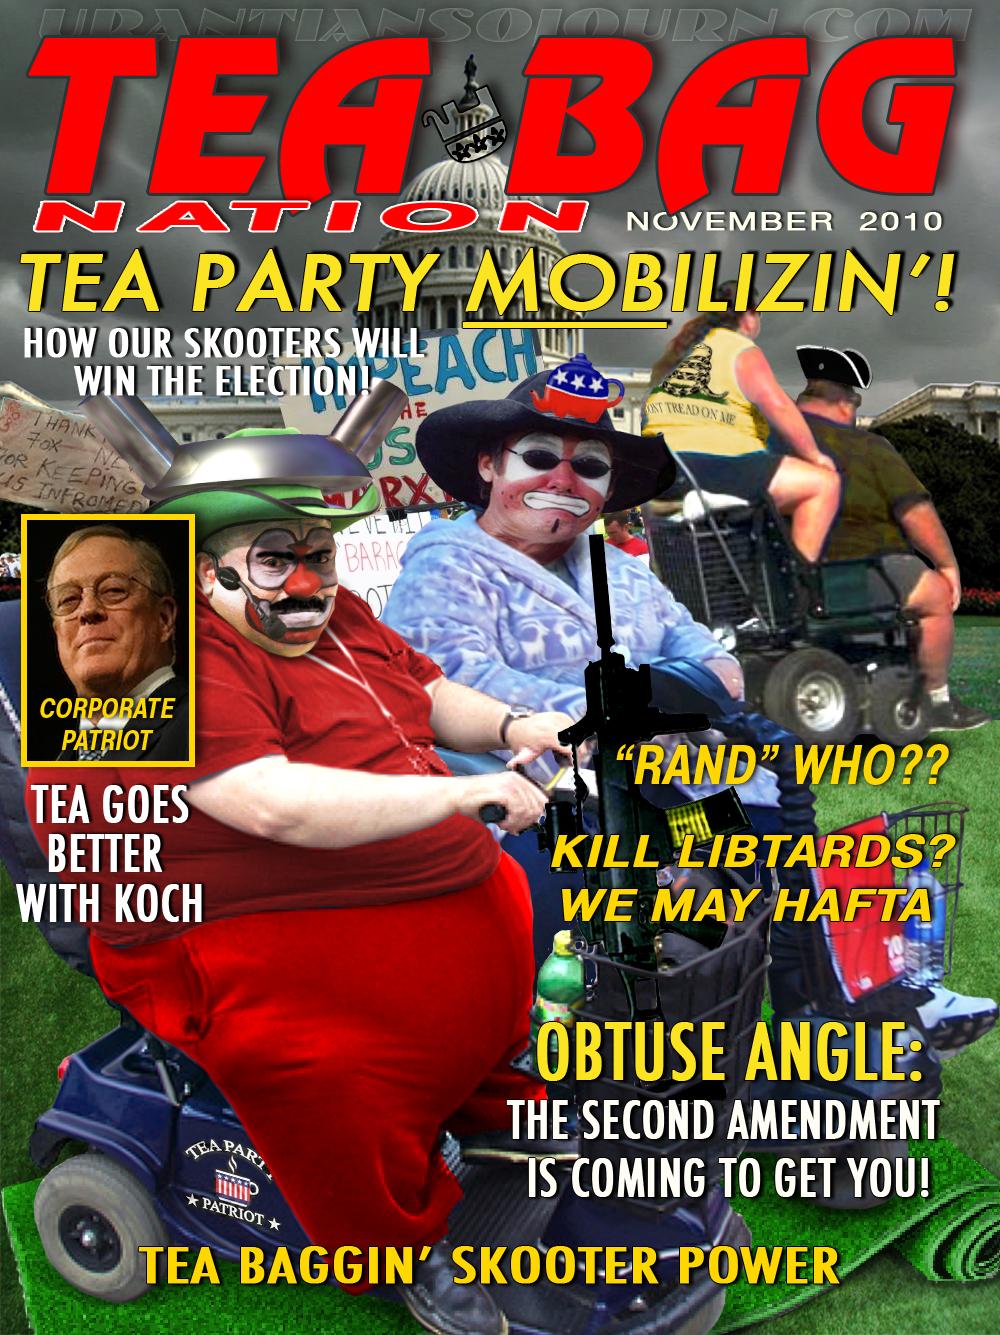 Tea Party Mobilizes